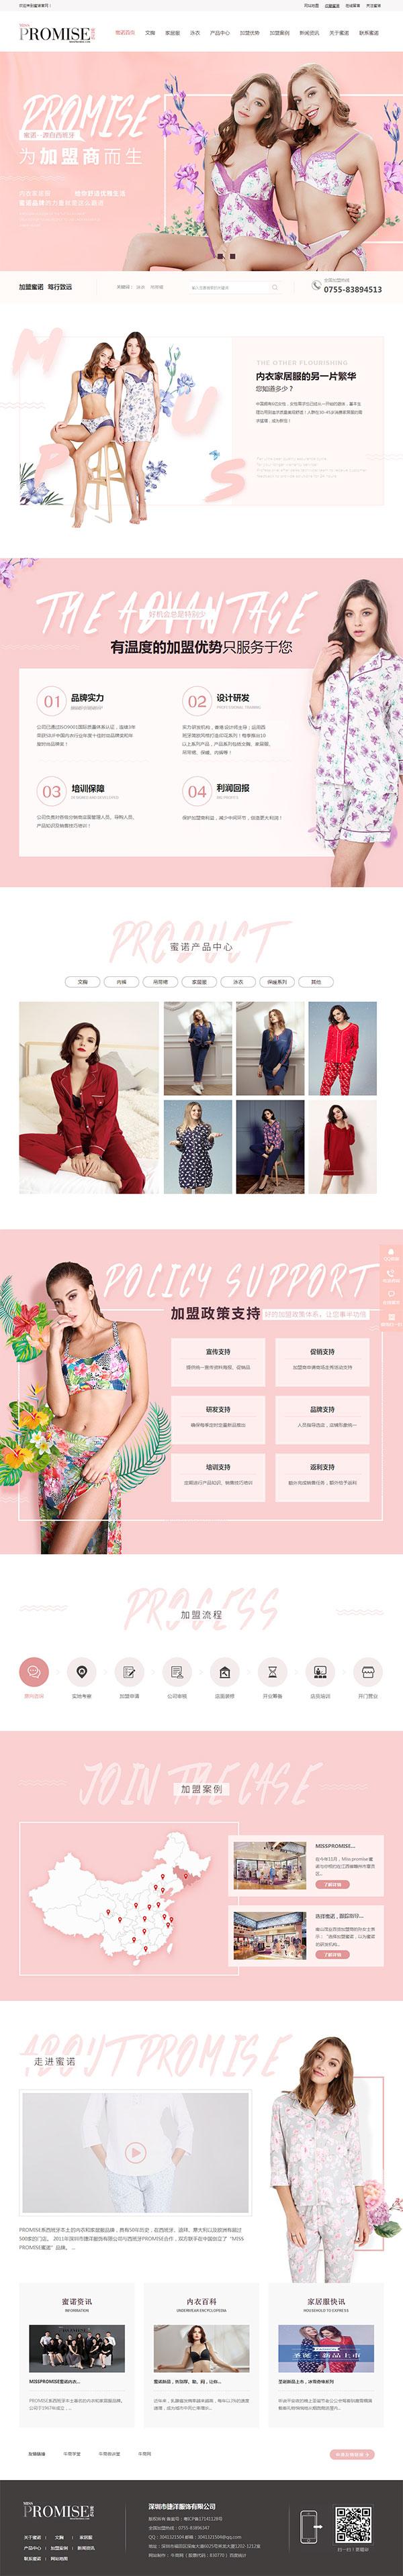 捷洋服饰龙8国际龙88型龙8国际官网首页案例